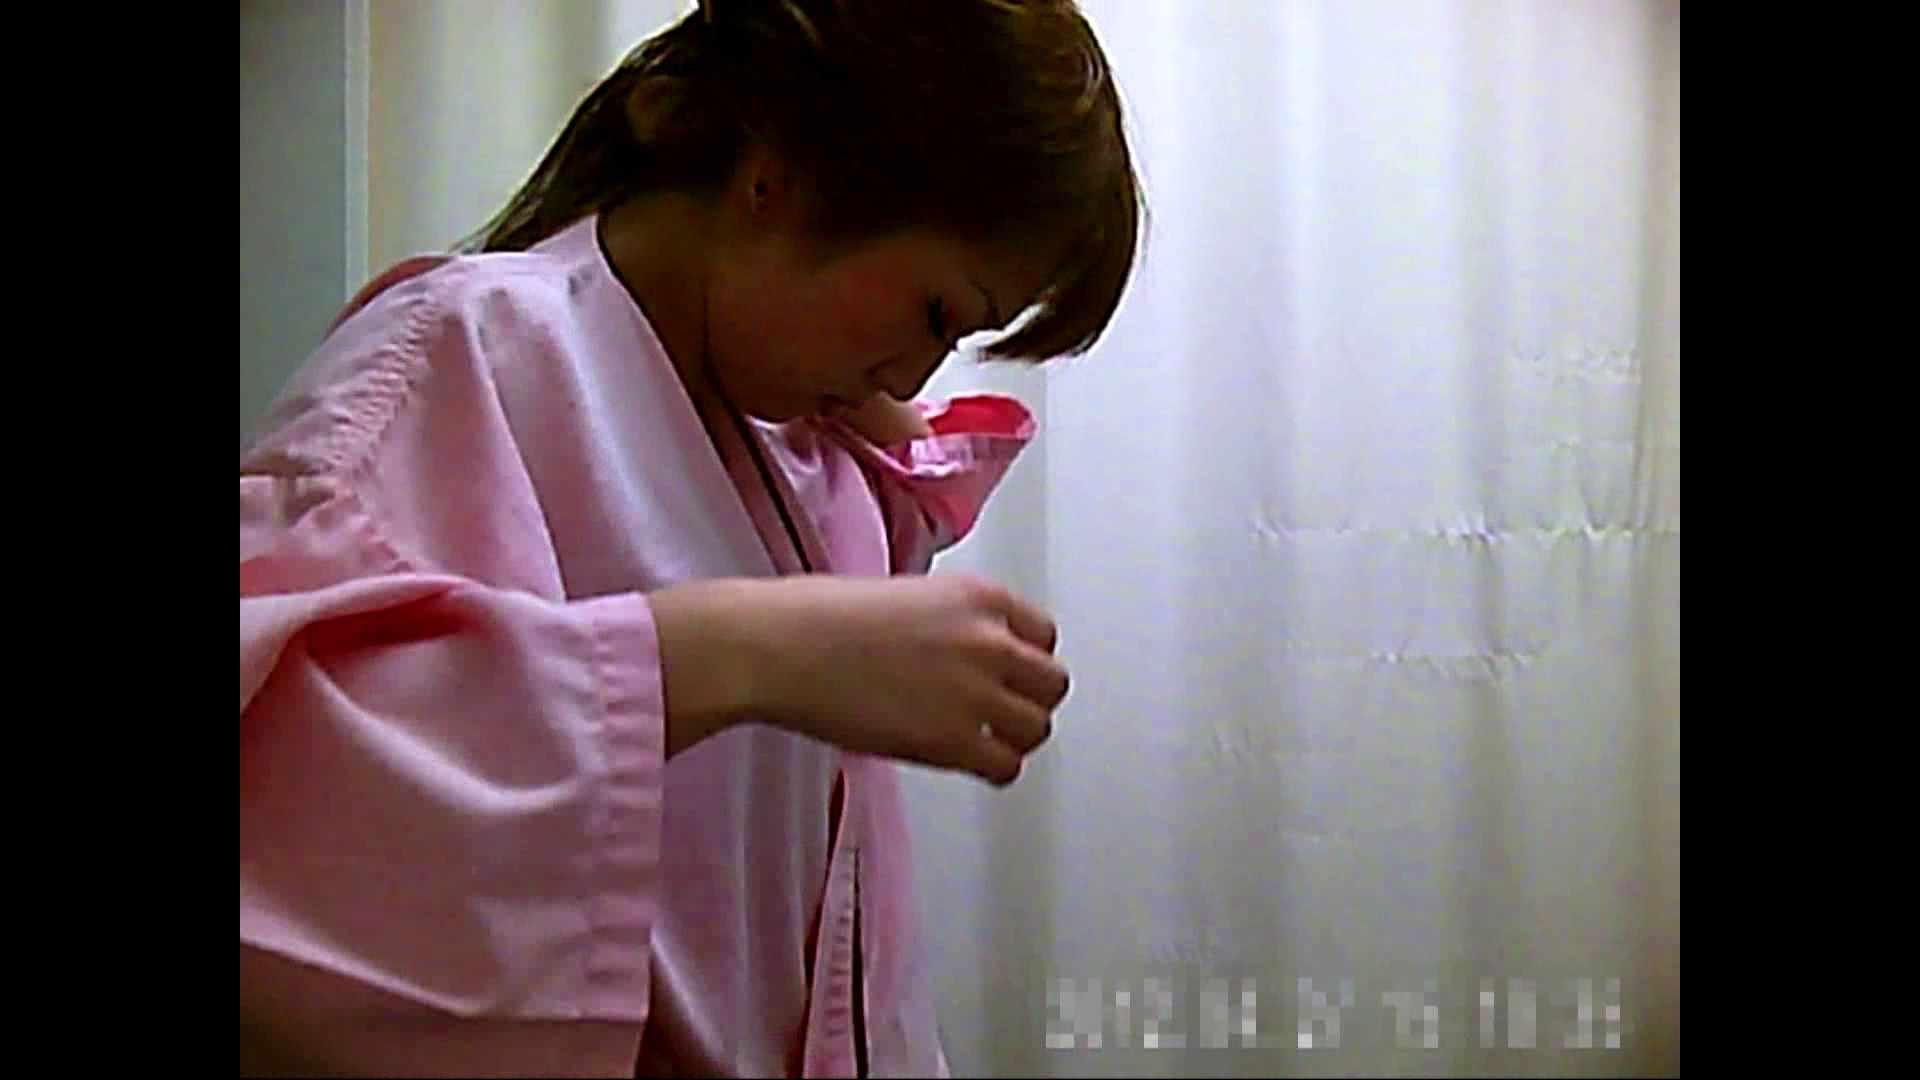 元医者による反抗 更衣室地獄絵巻 vol.004 お姉さん  104PIX 52